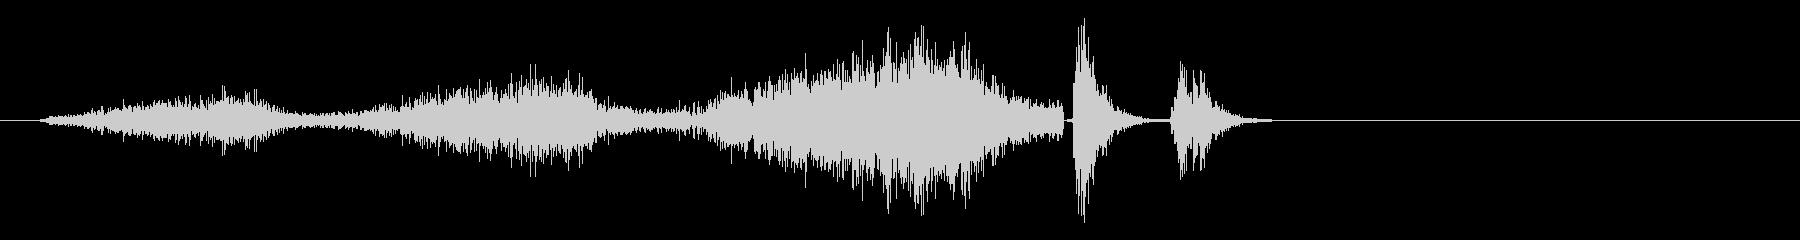 シュルシュルとマシンが停止する音の未再生の波形